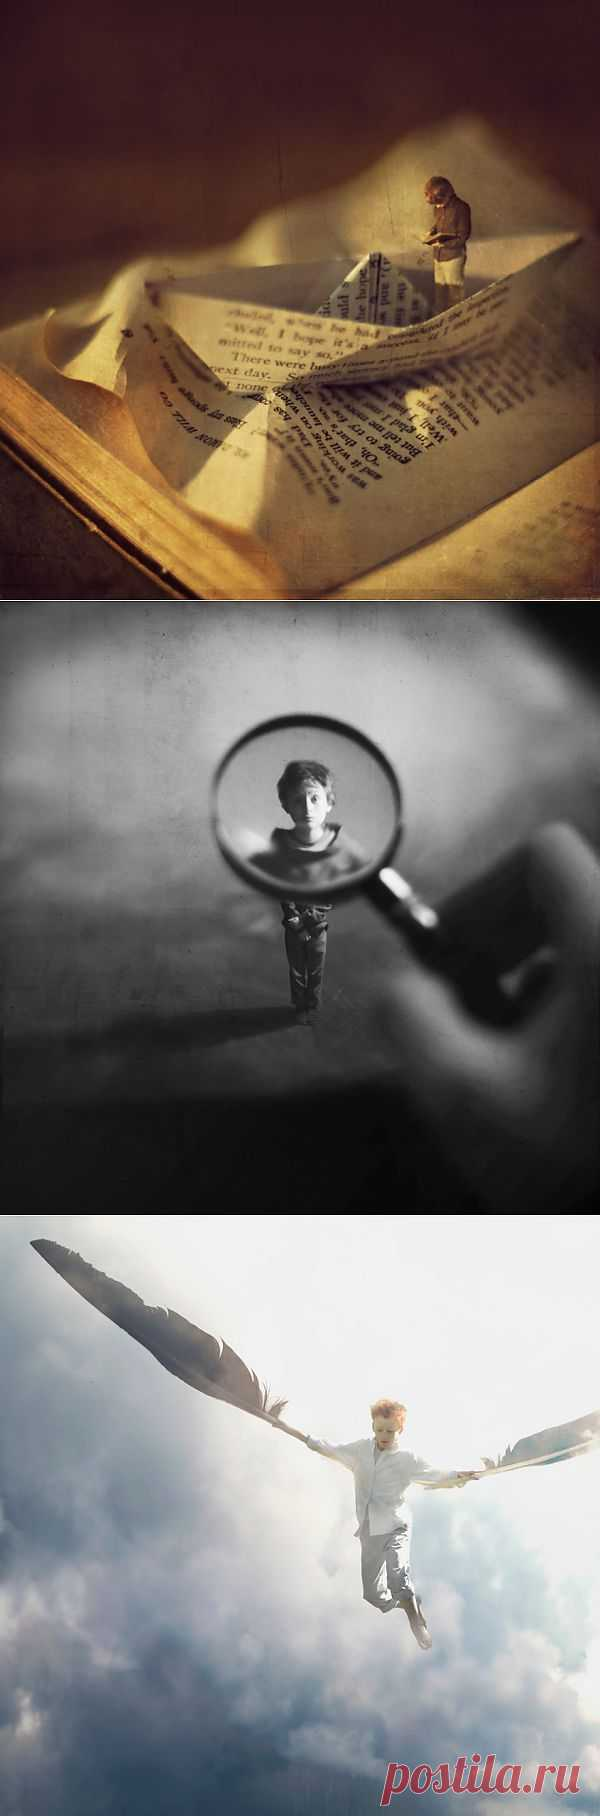 Зев Гувер - Удивительный мир лилипутов на фотографии | Живой фотоблог